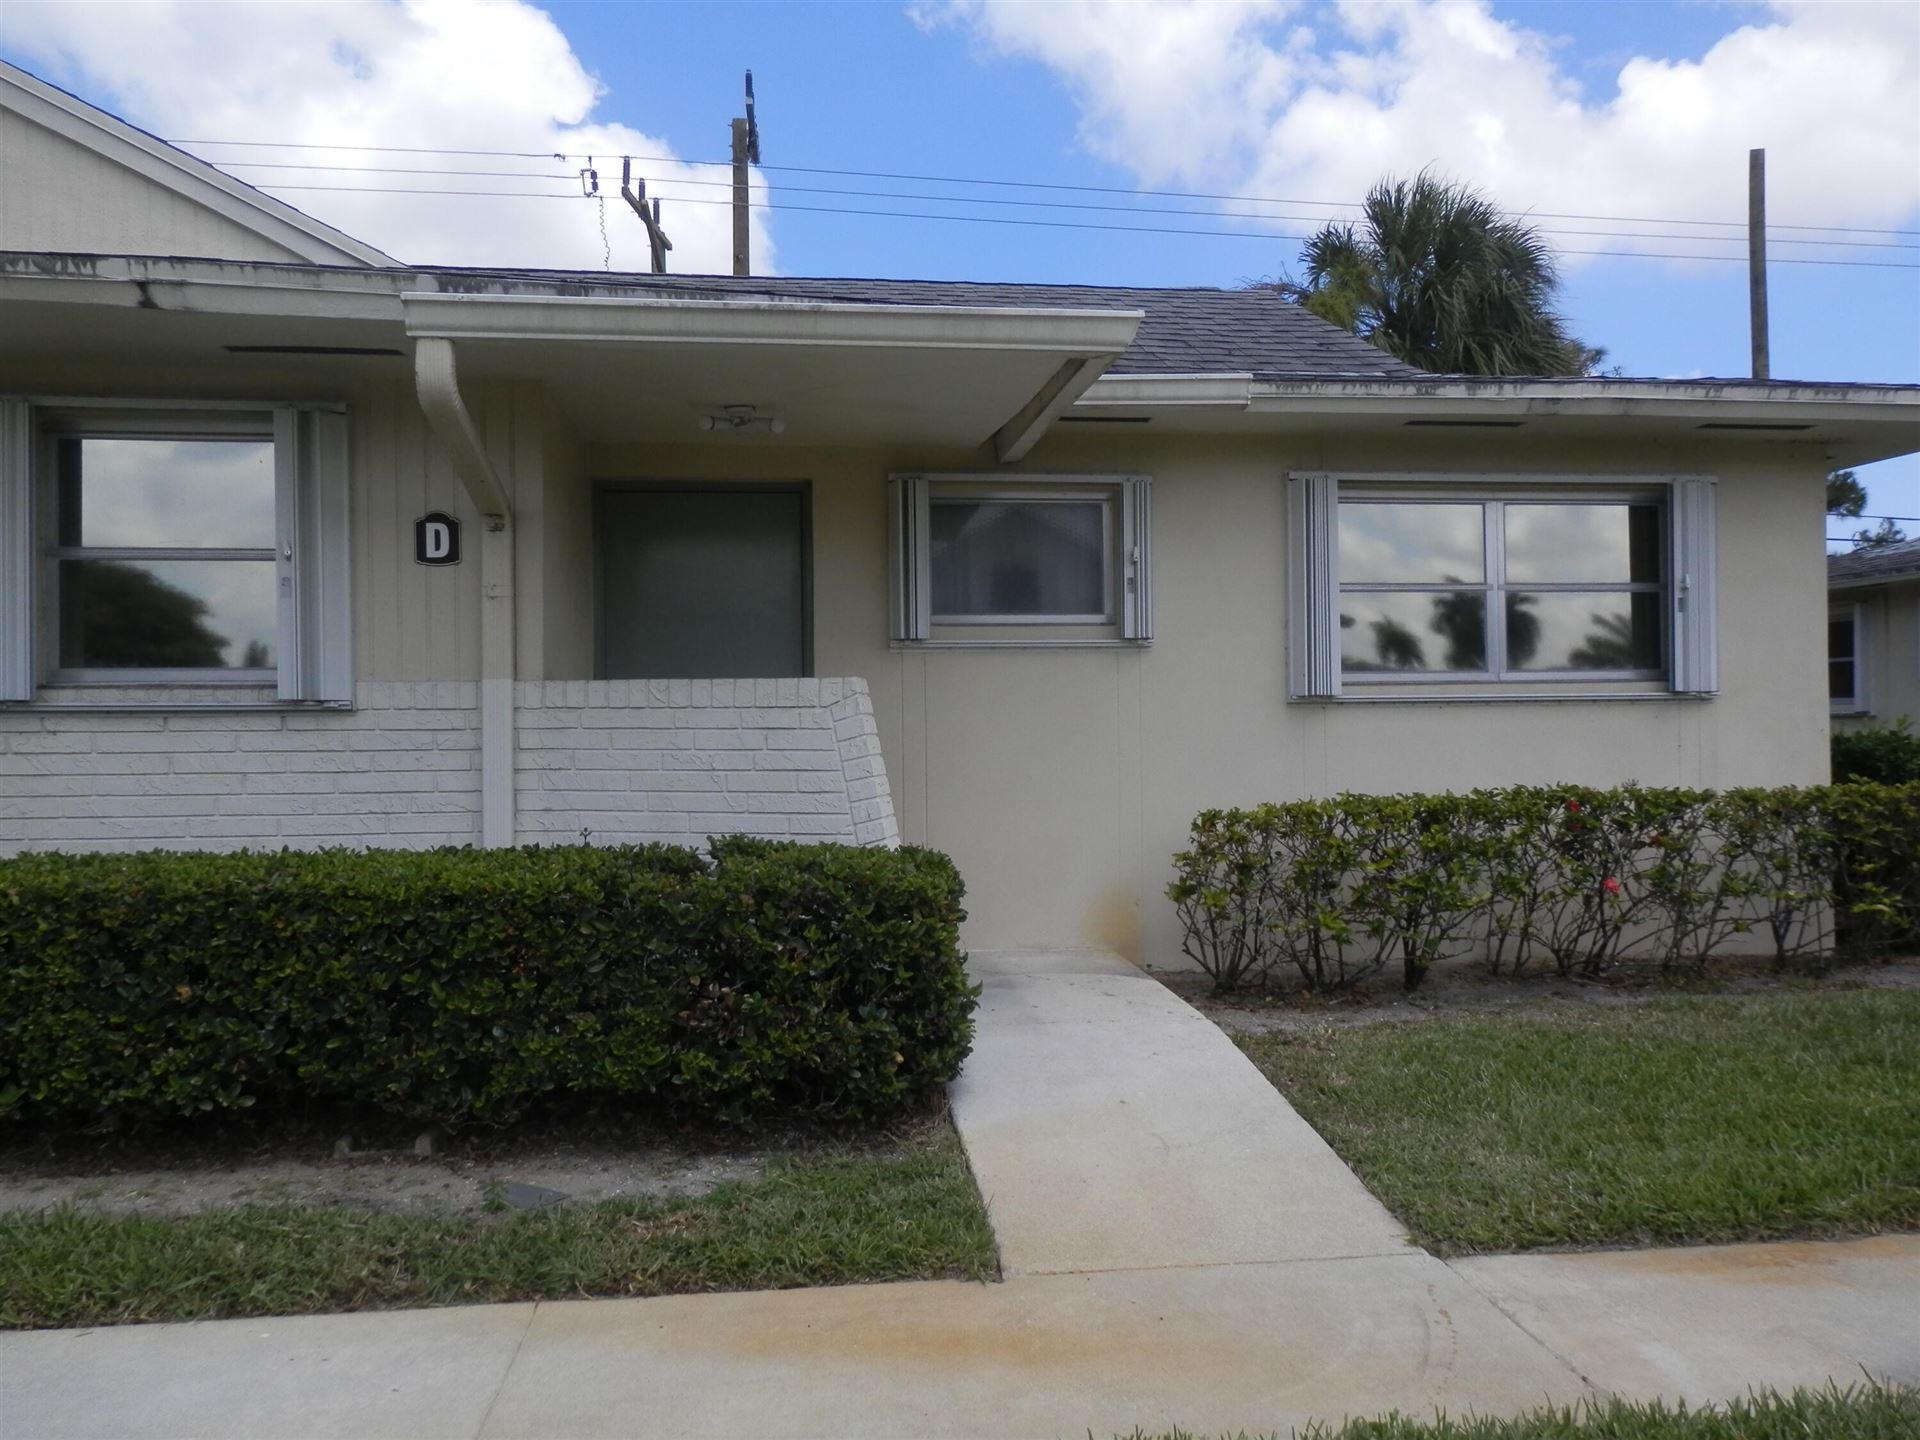 4790 Cresthaven Boulevard #D, West Palm Beach, FL 33415 - #: RX-10741307